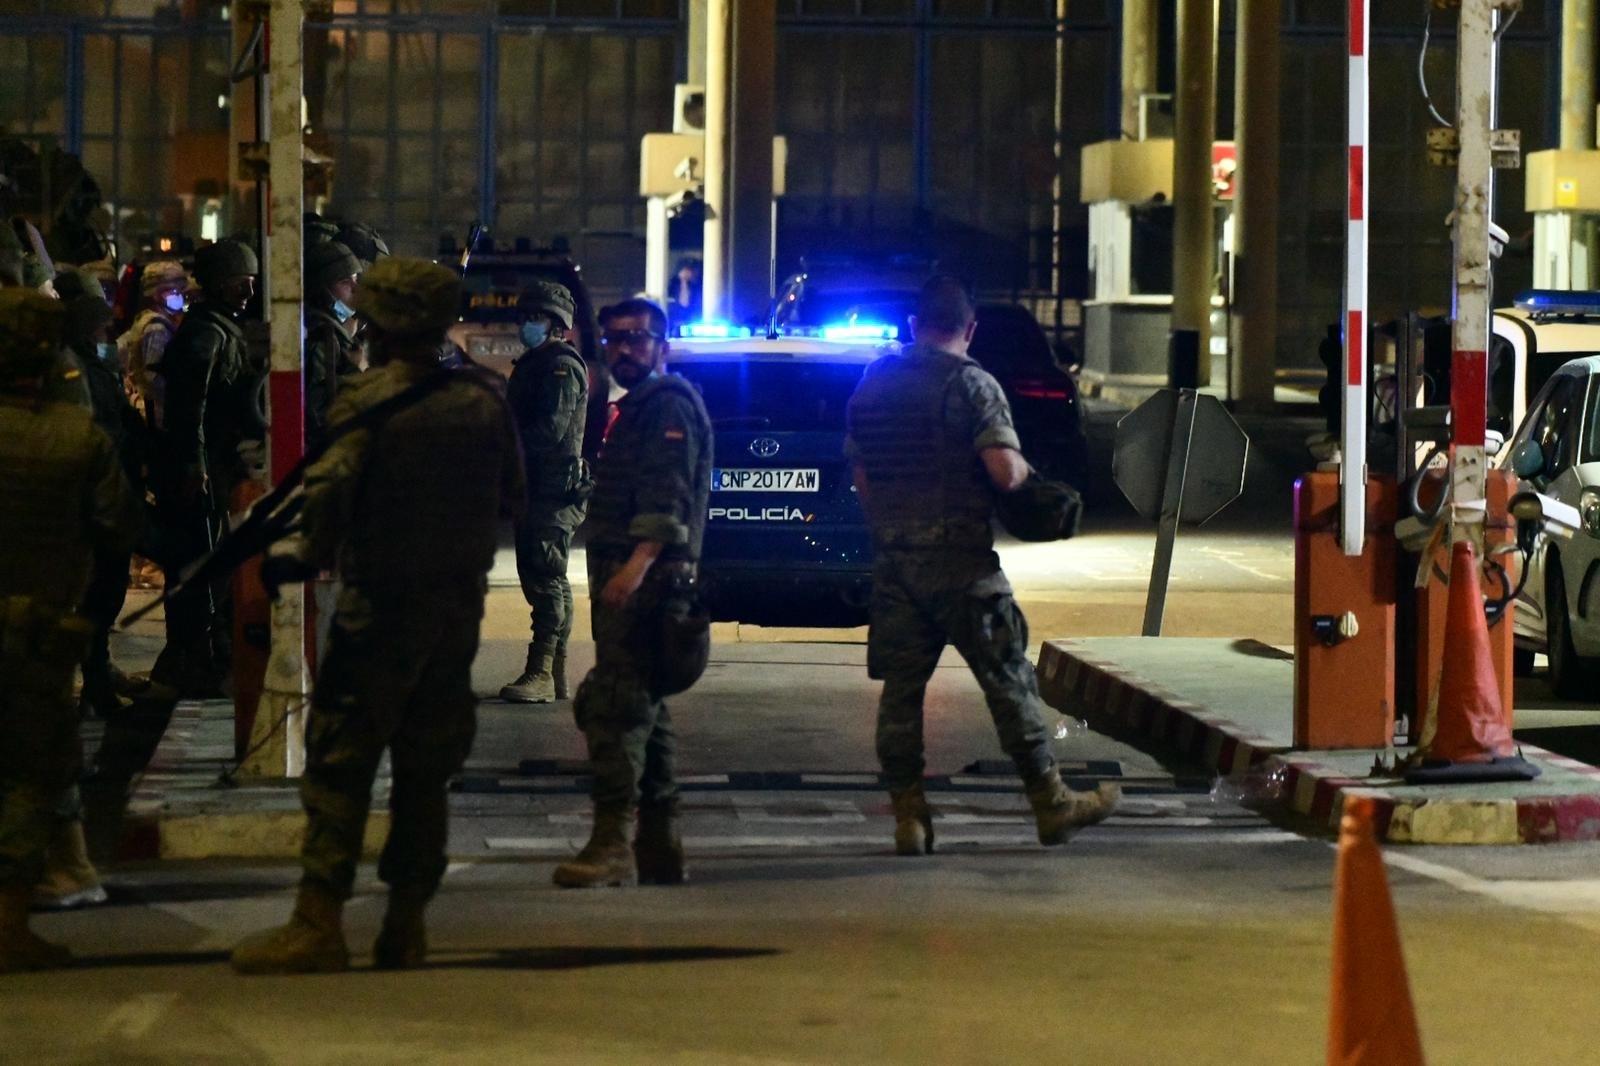 España despliega al Ejército en la frontera con Marruecos ante la interminable oleada de inmigrantes